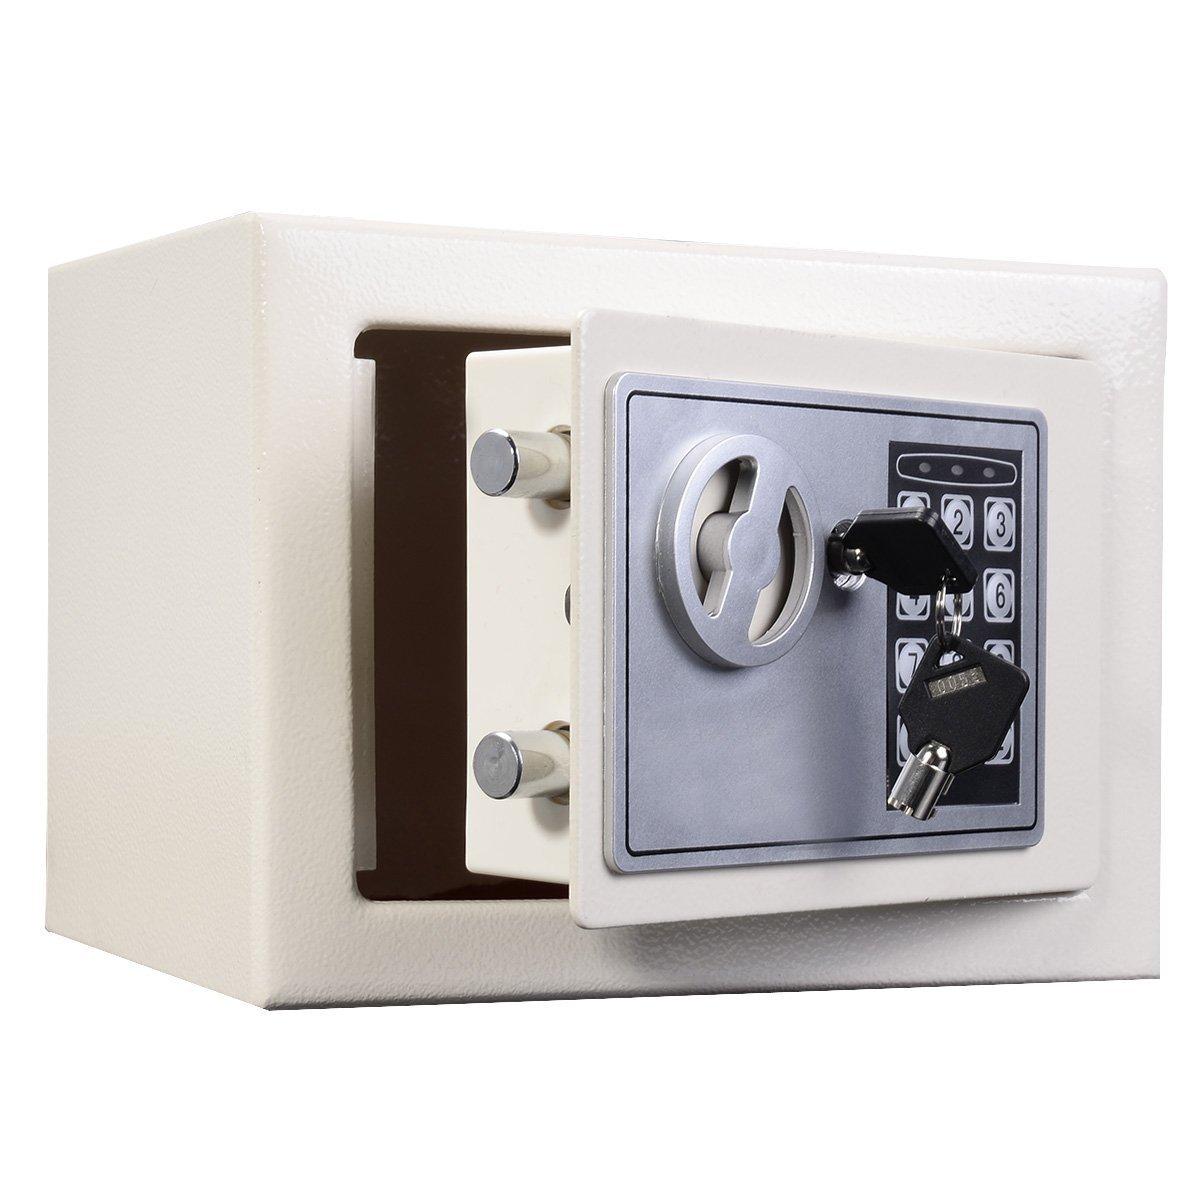 Caja de Seguridad electrónica electrónica Seguridad Digital DE 4,6 L para el hogar y la Oficina para almacenar Objetos Pequeños valiosos, Caja de Seguridad Blanca con Llave fb6f72